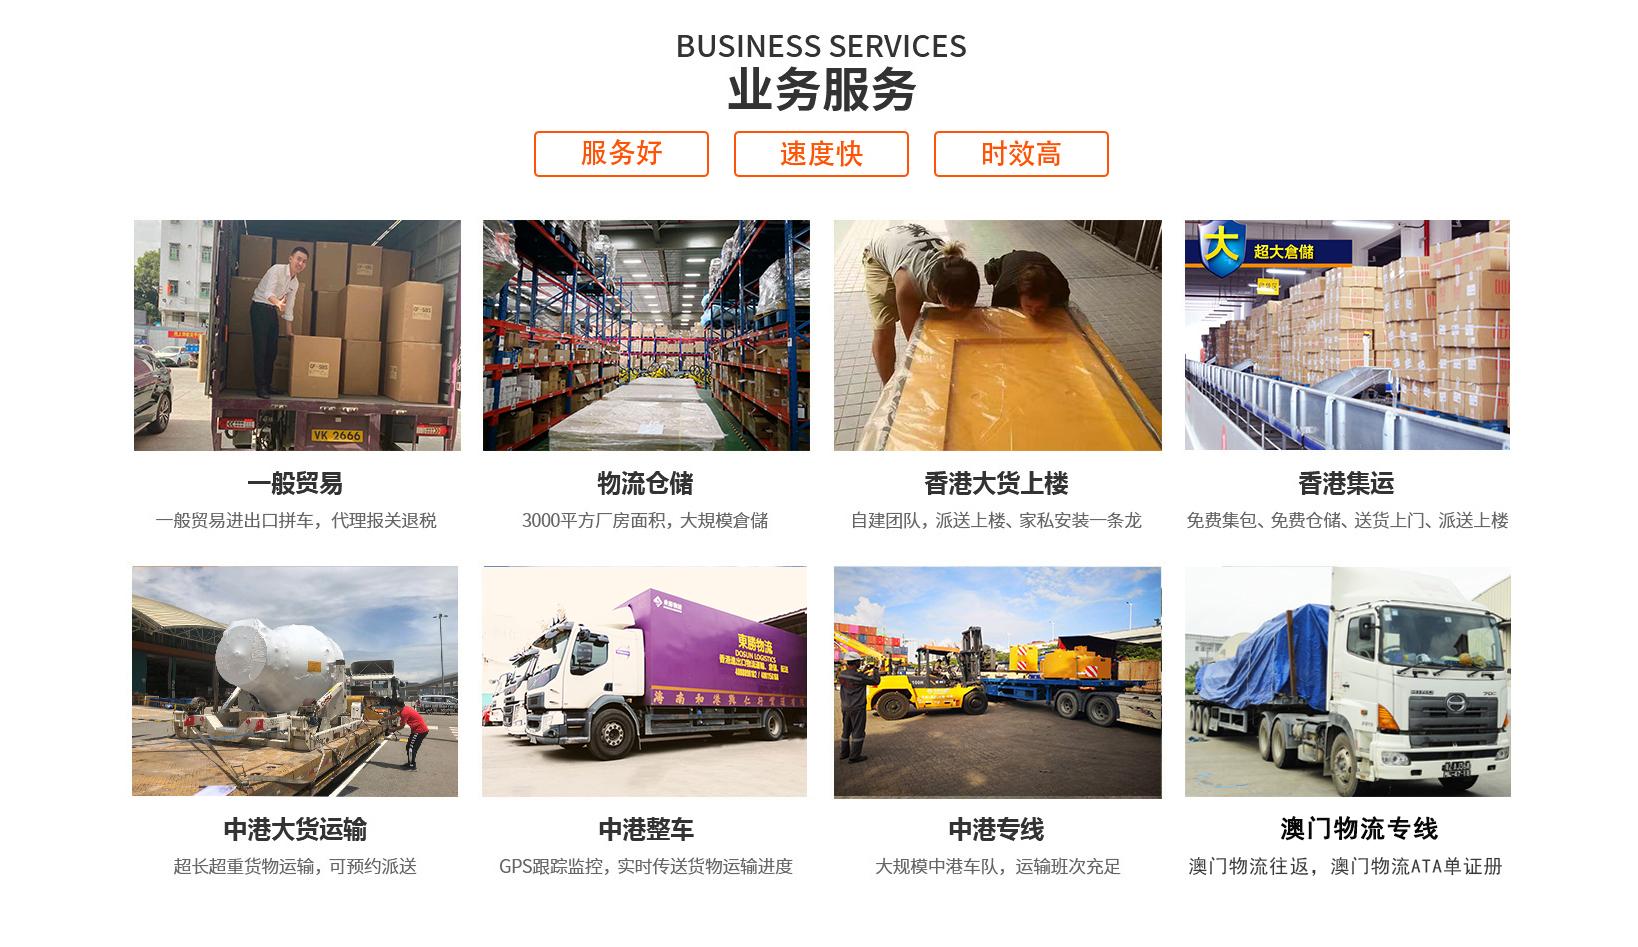 香港大件上楼,东胜物流服务项目